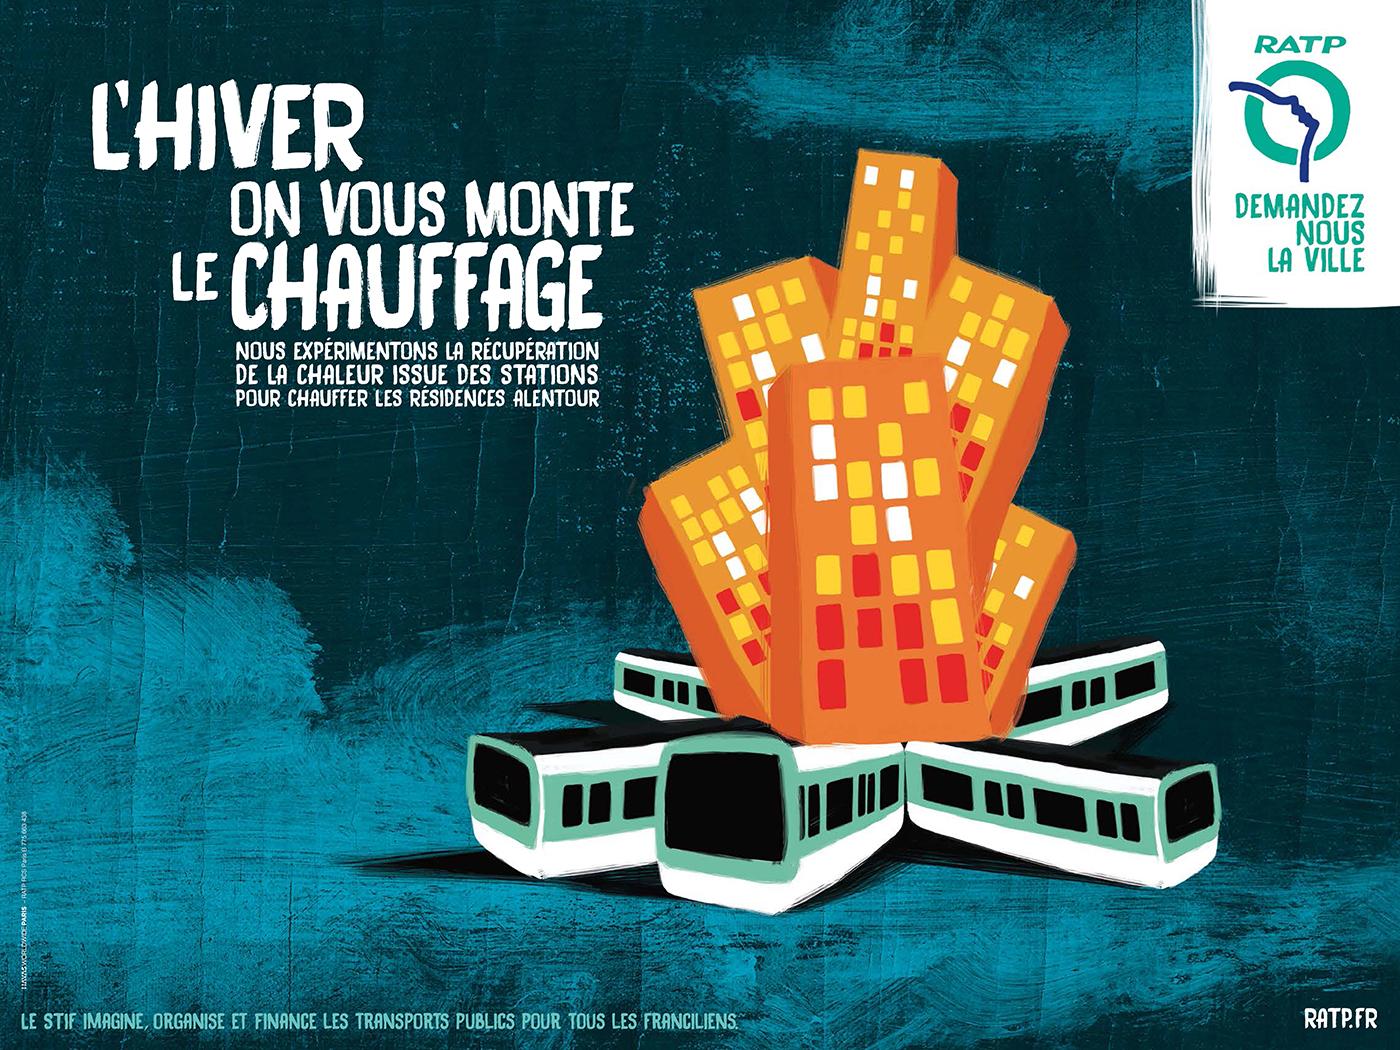 ratp-publicite-affichage-environnement-COP21-STIF-franciliens-demandez-nous-la-ville-agence-havas-paris-1